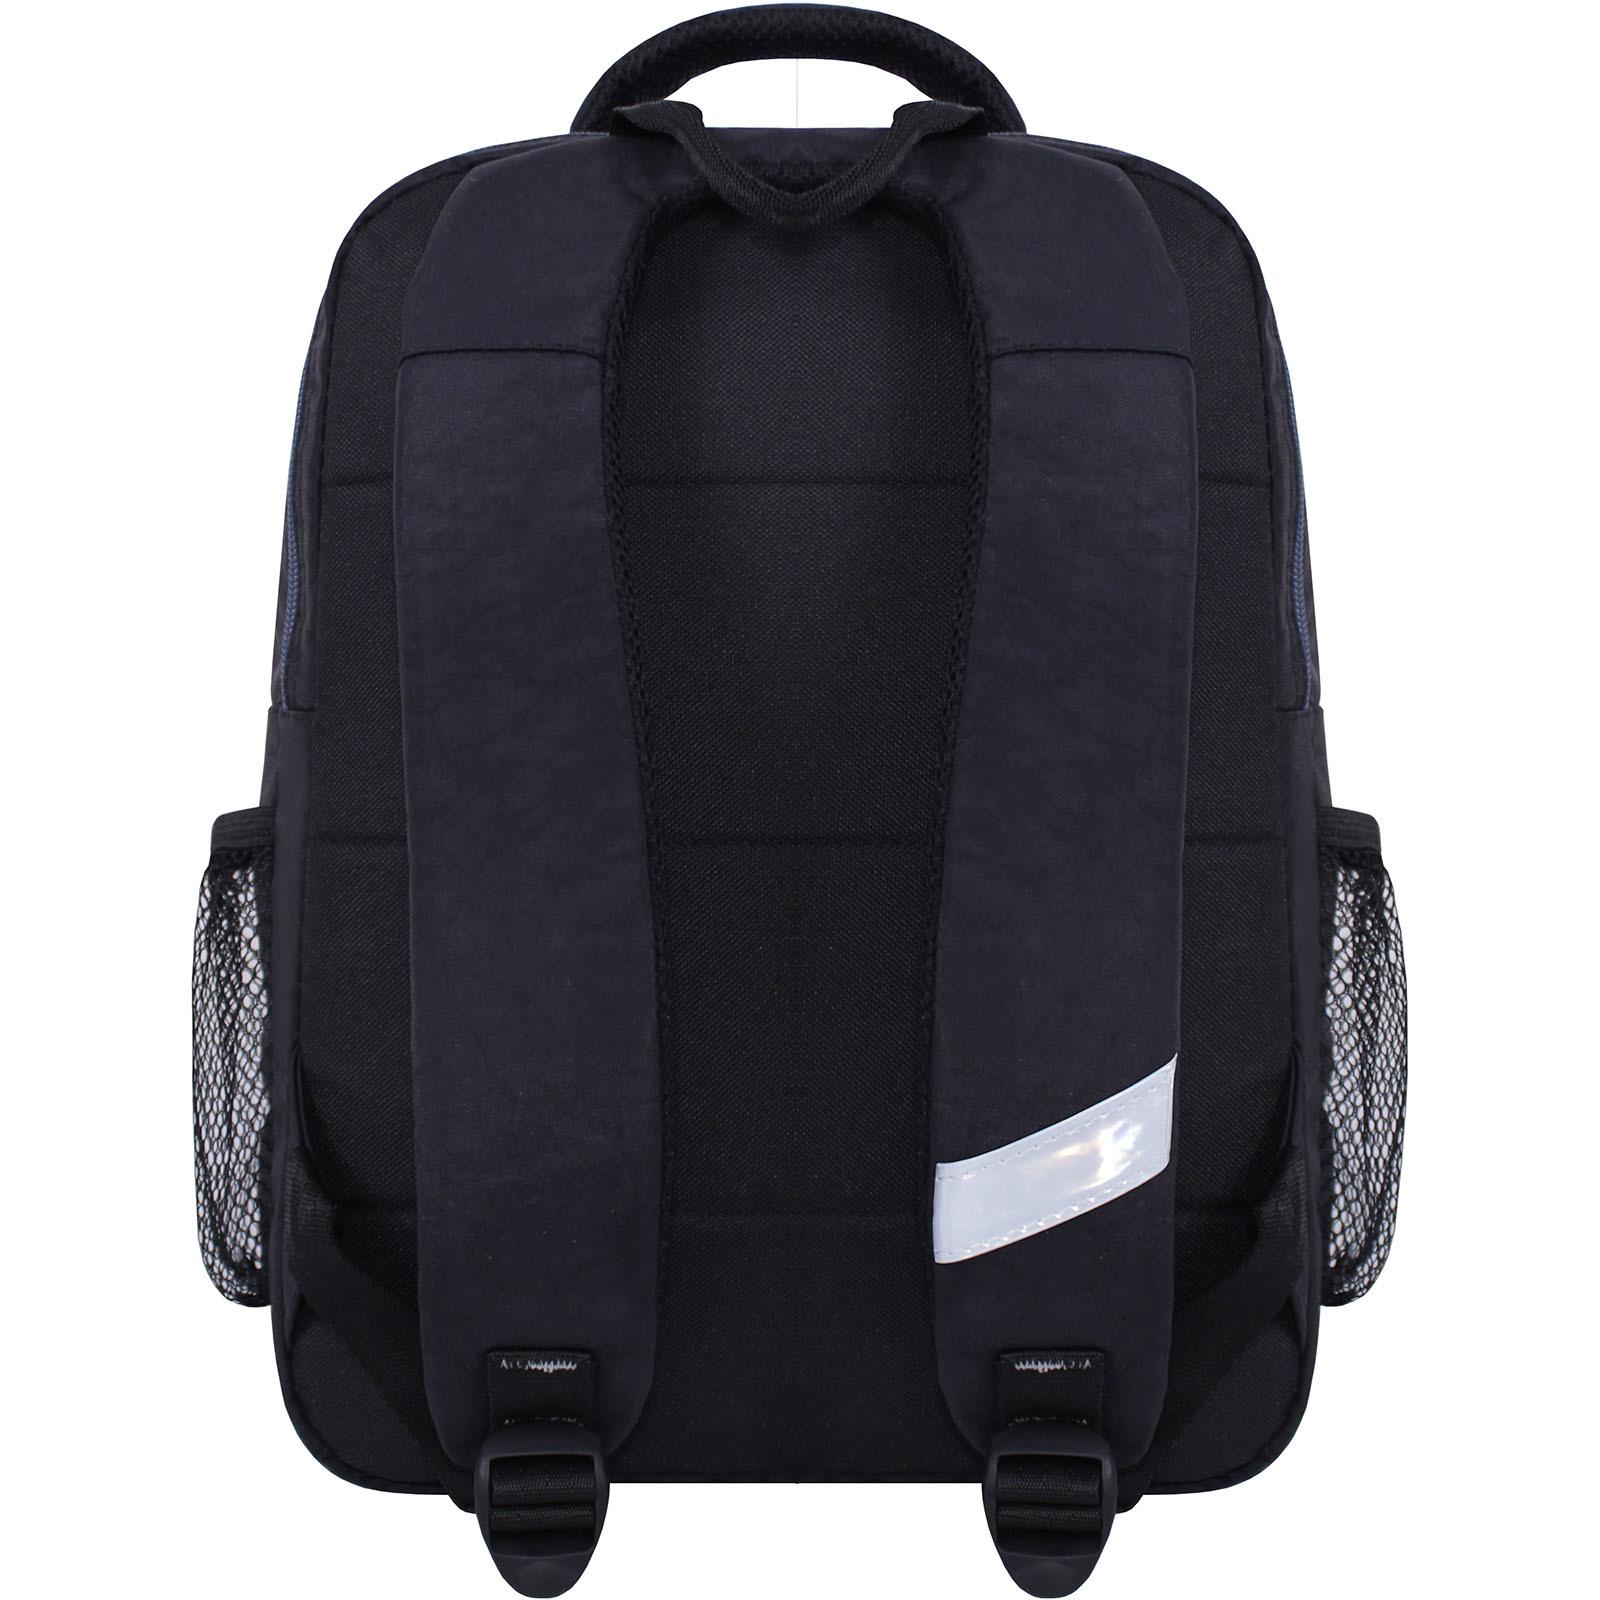 Рюкзак школьный Bagland Школьник 8 л. 321 черный 505 (00112702) фото 3